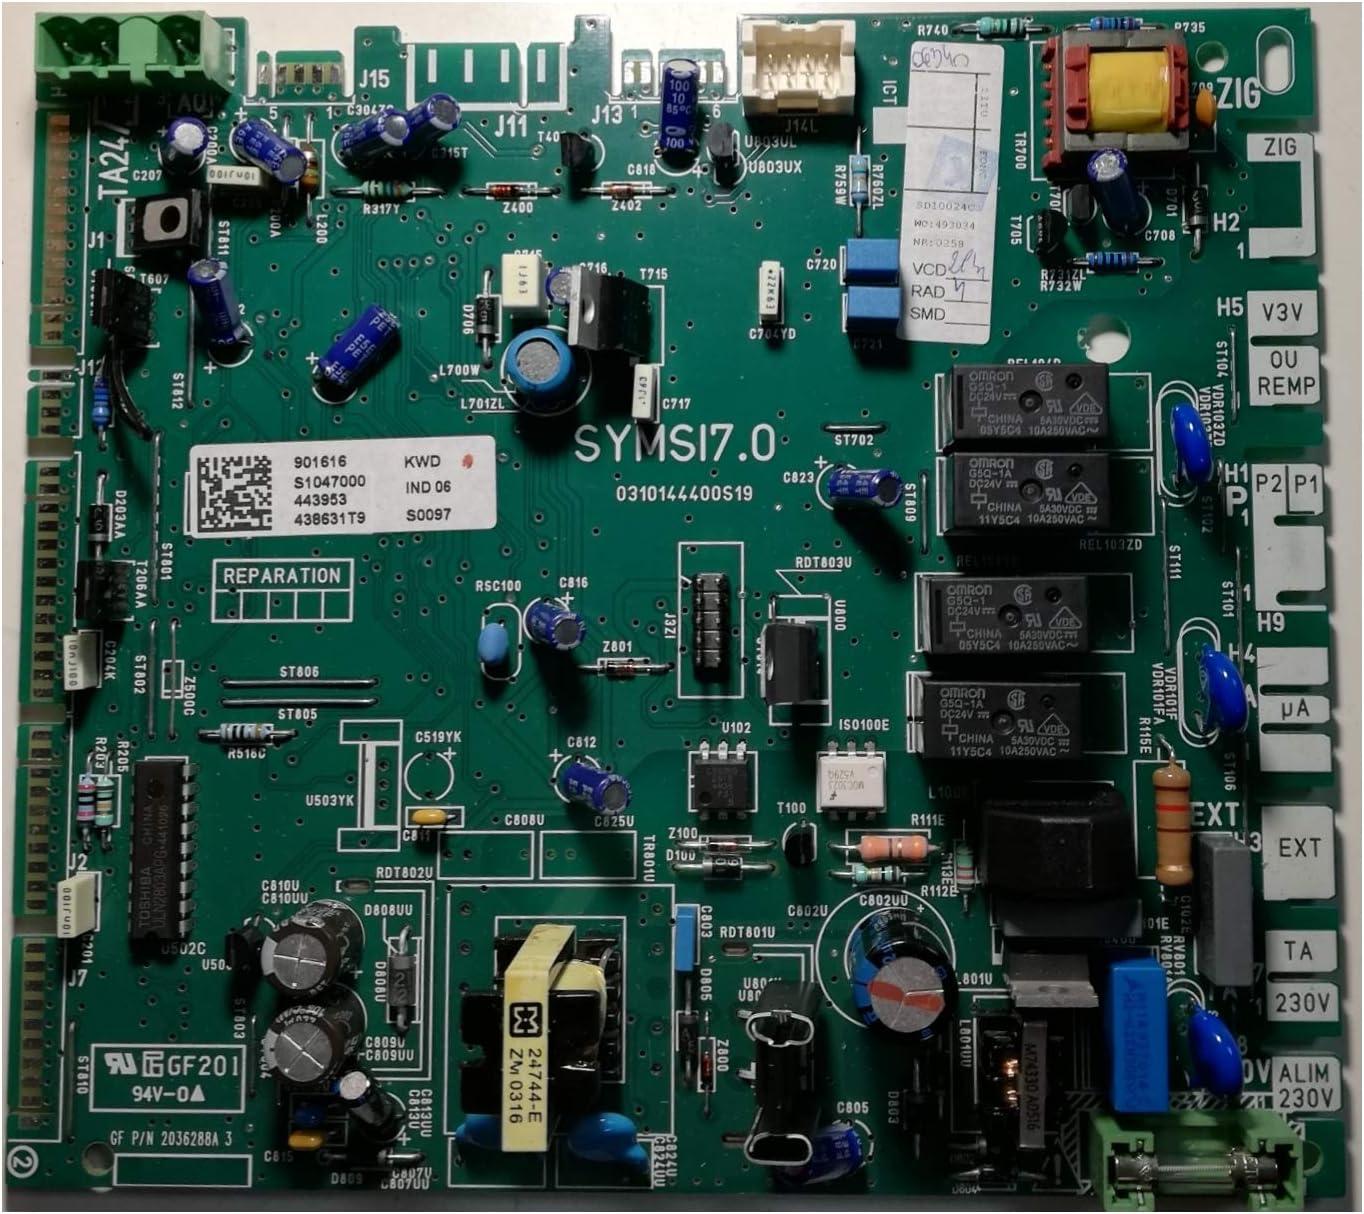 Saunier Duval S1047000 PCB